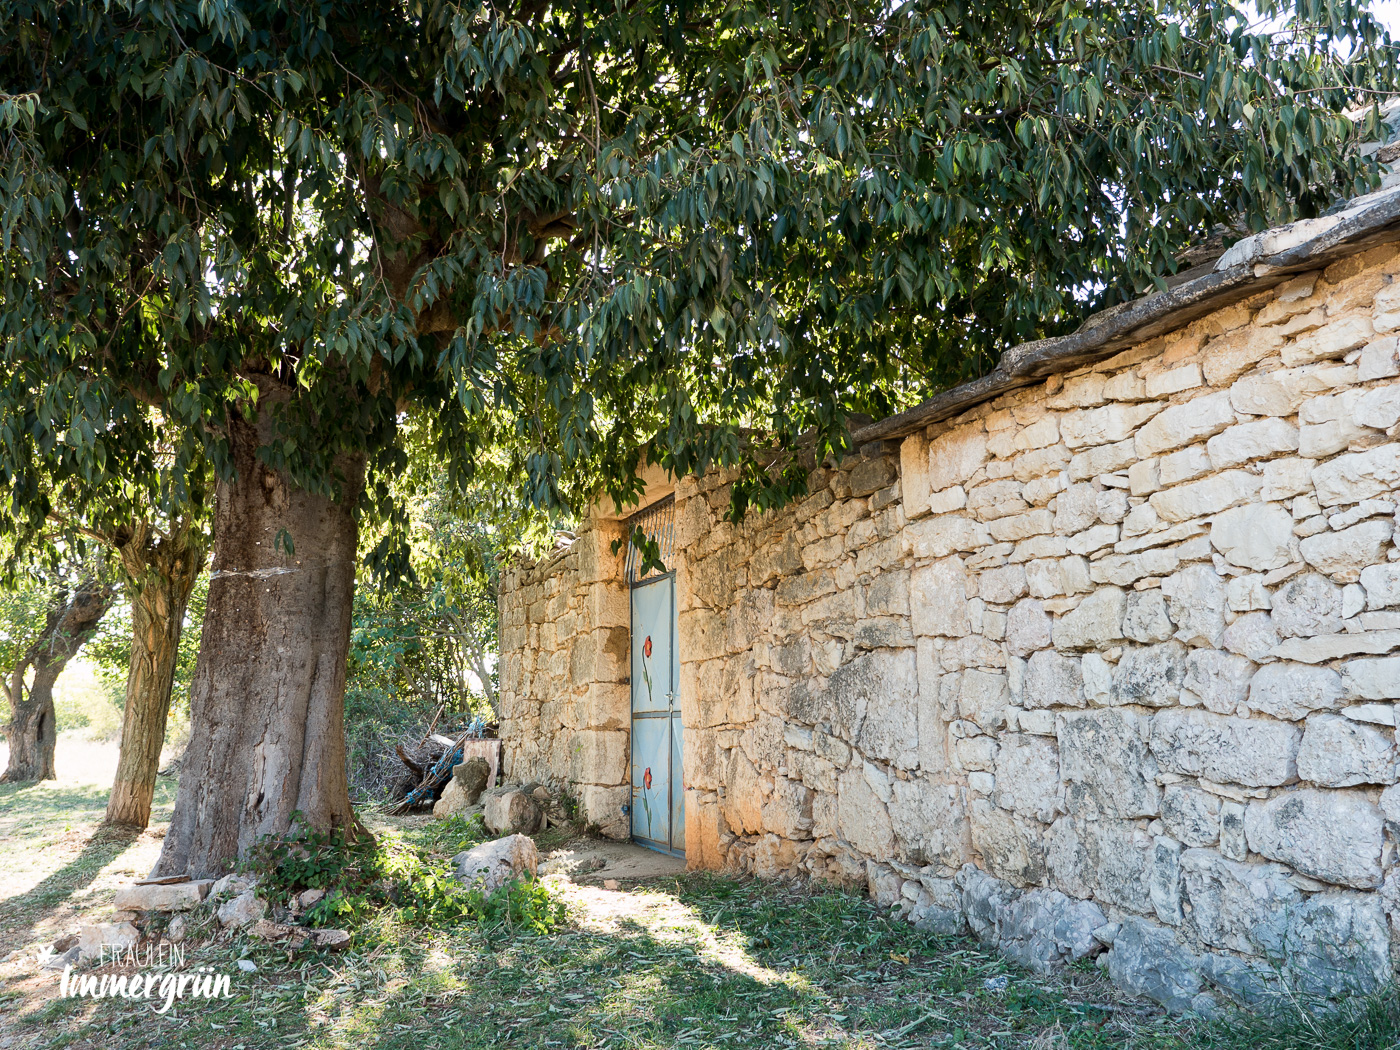 Dalmatien in Kroatien: Urlaub an der dalmatinischen Küste in der Nebensaison – Rundfahrt um den Nationalpark Krka